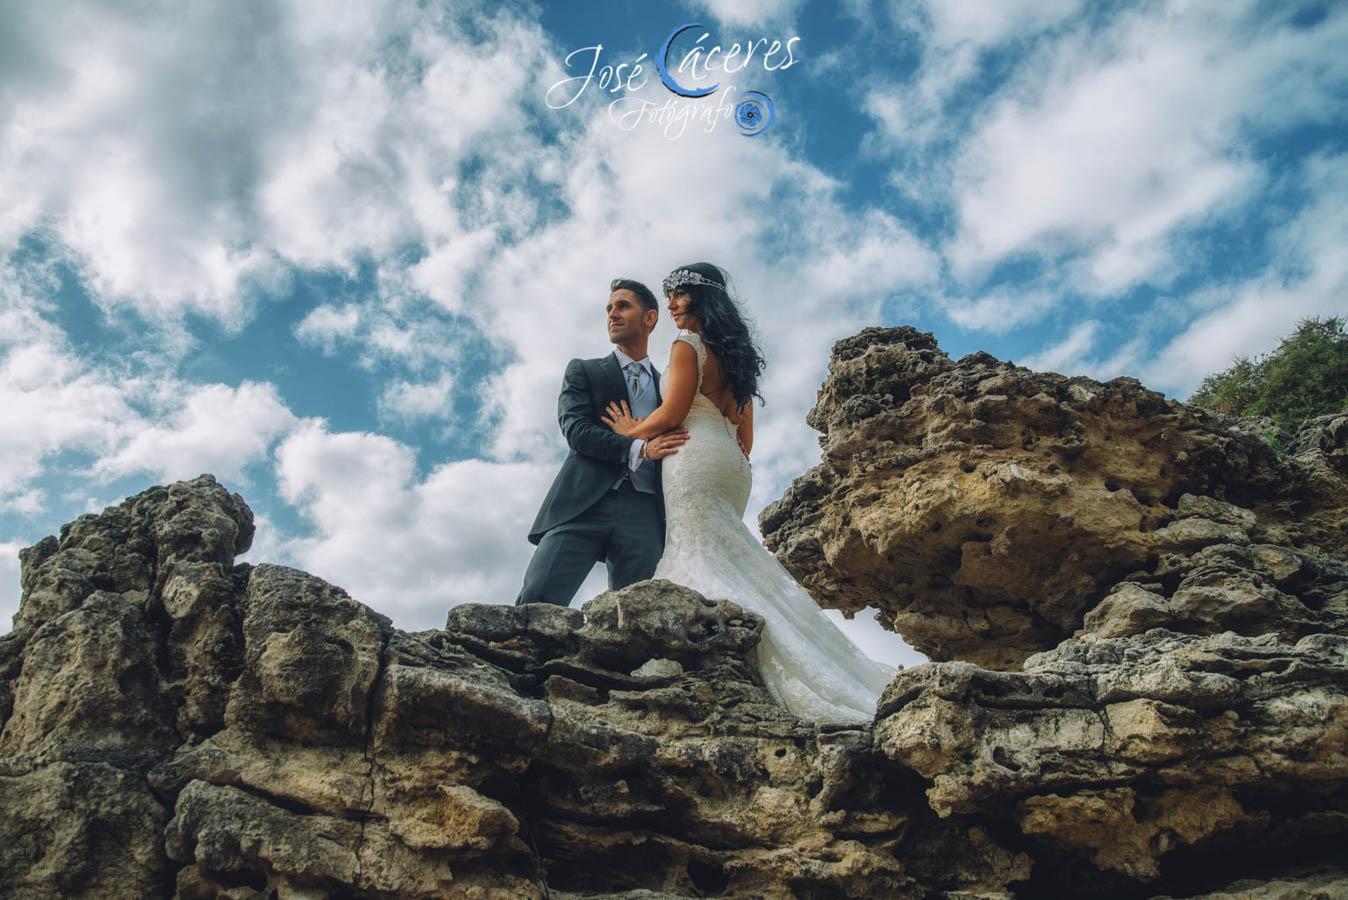 Sesion fotografica de jose caceres fotografia, post boda leticia y jose luis, playas-18